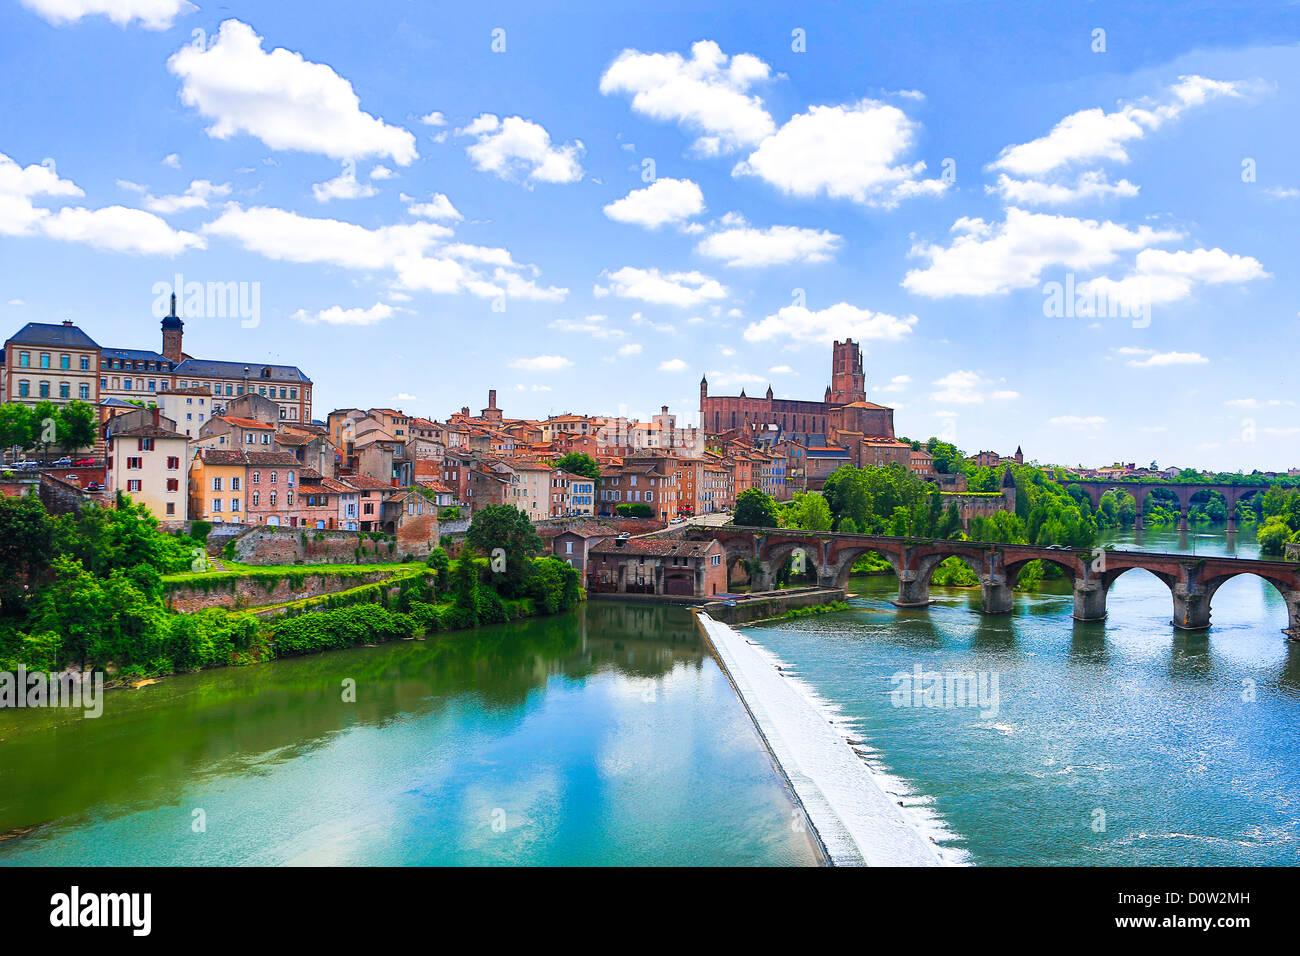 France, Europe, voyage, Albi, Sainte Cécile, Cathédrale, patrimoine mondial, pont, rivière, architecture, Photo Stock